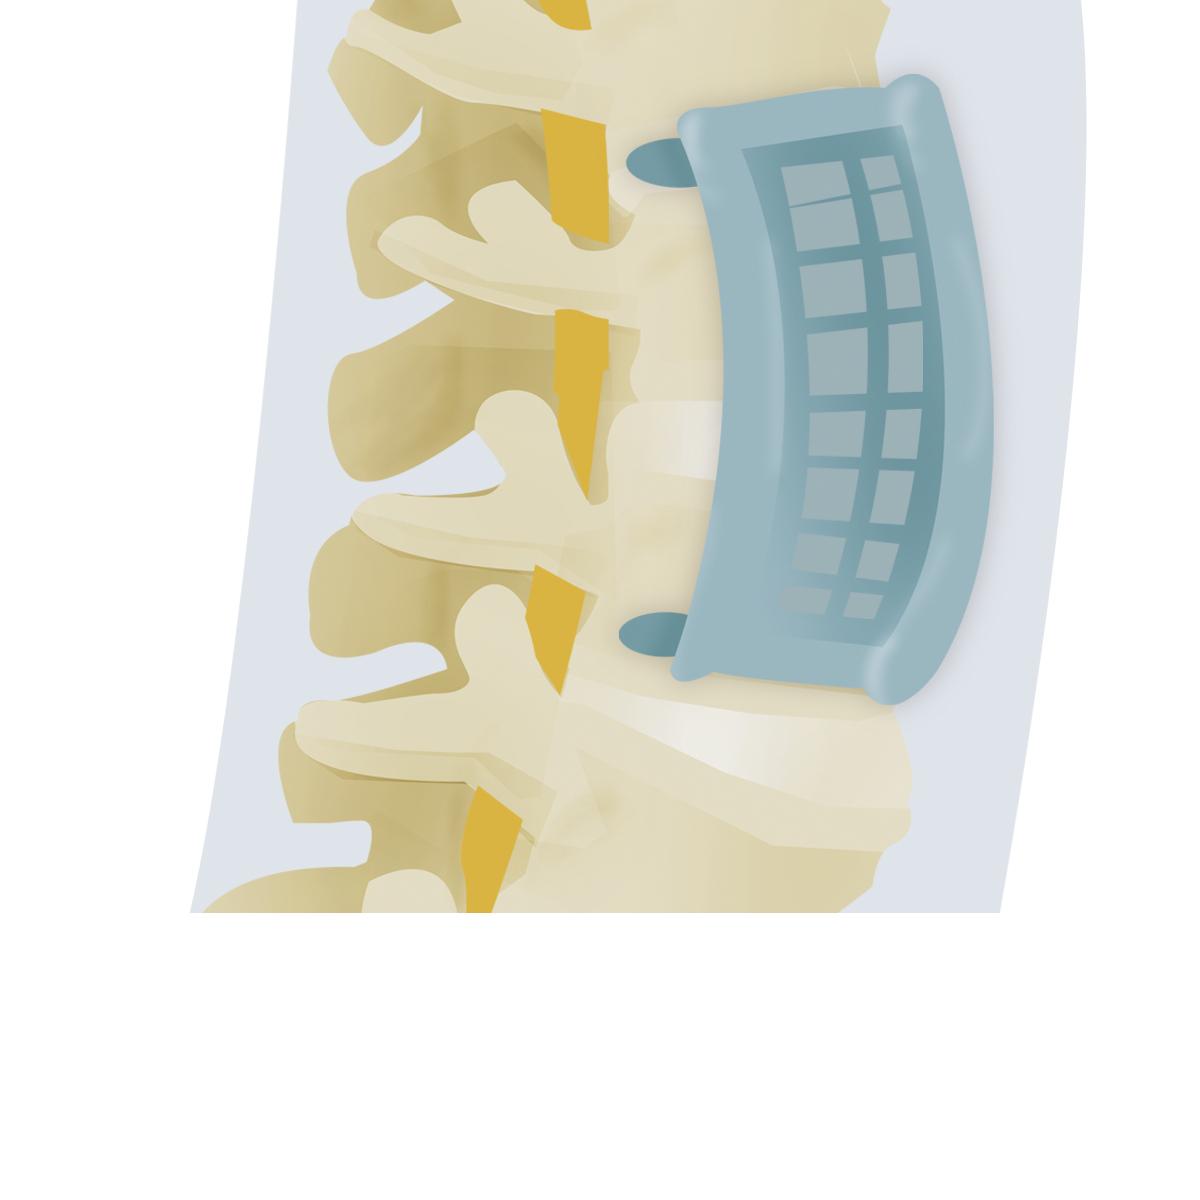 corporectomia cervical anterior